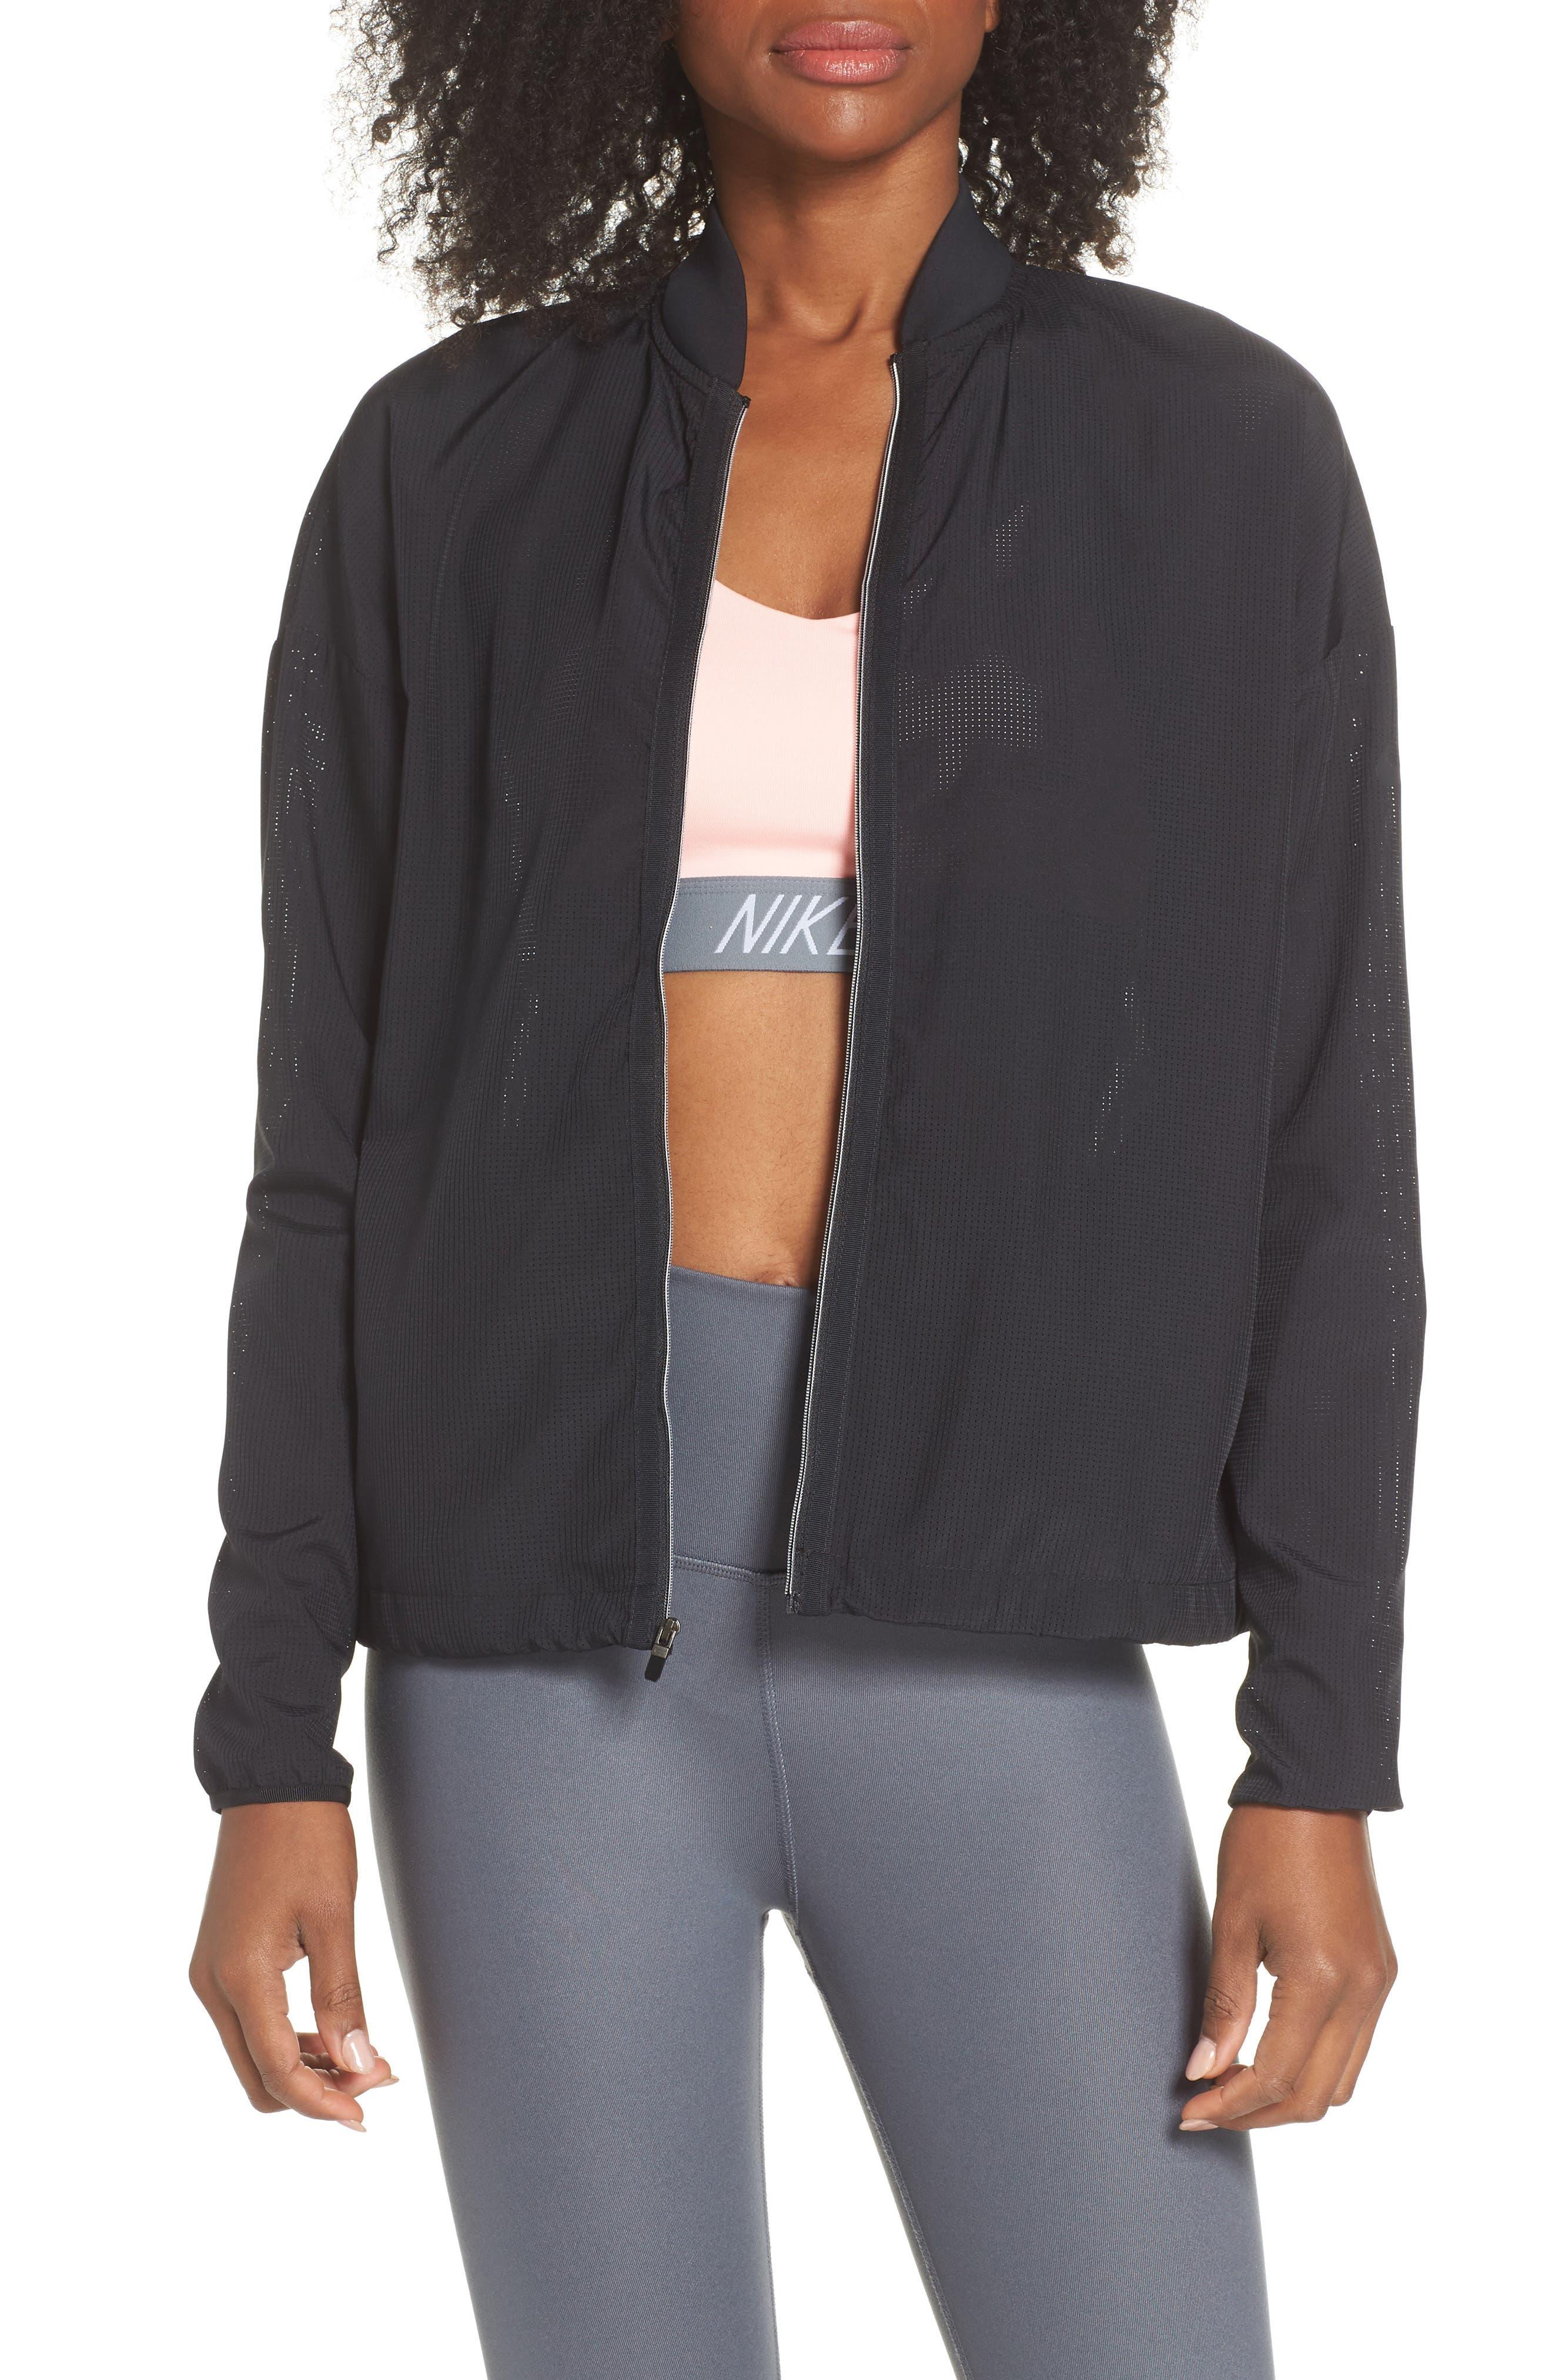 Nike Flex Bliss Training Jacket